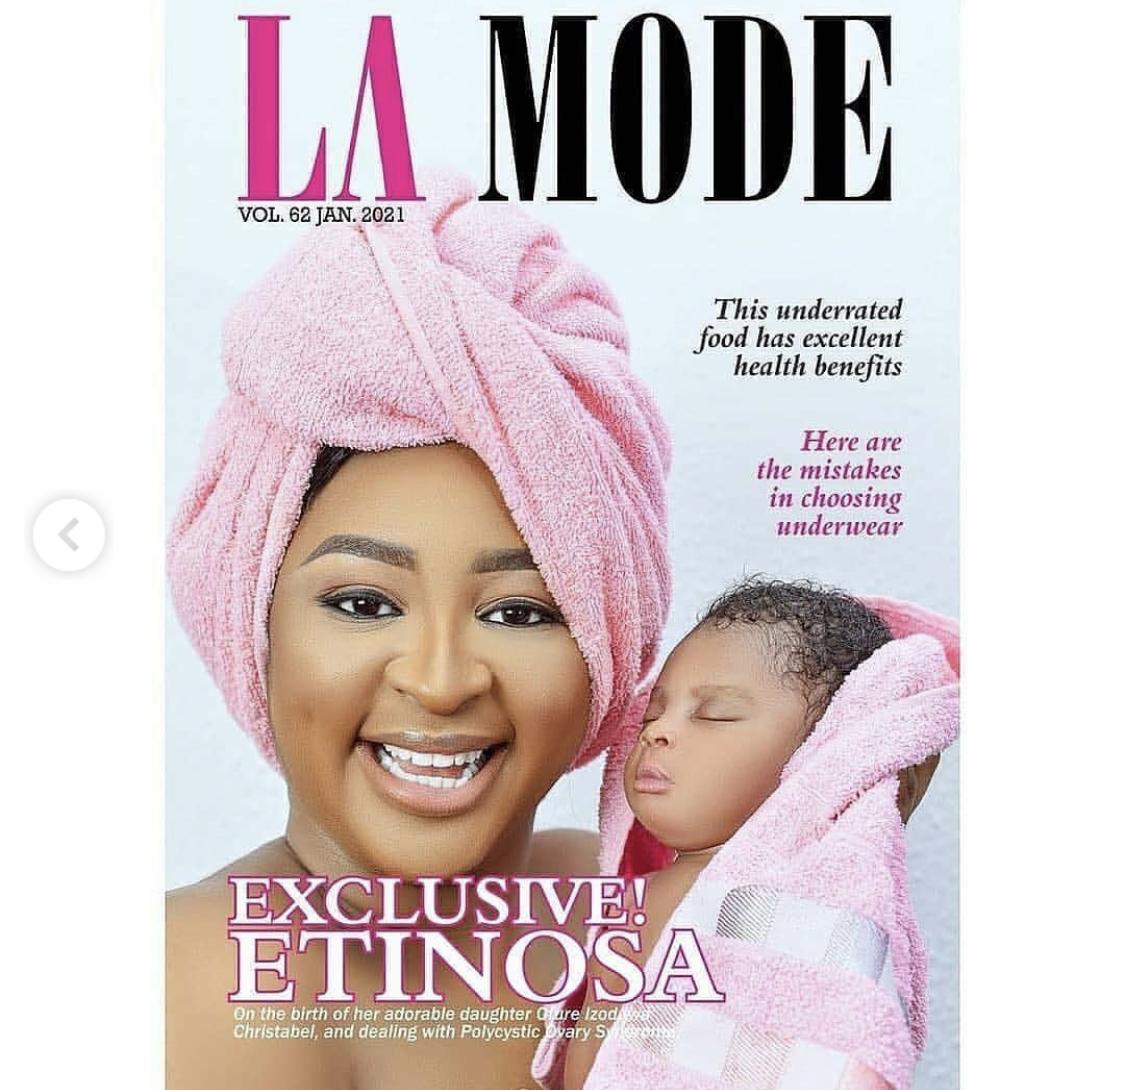 Etinosa Idemudia and her daughter